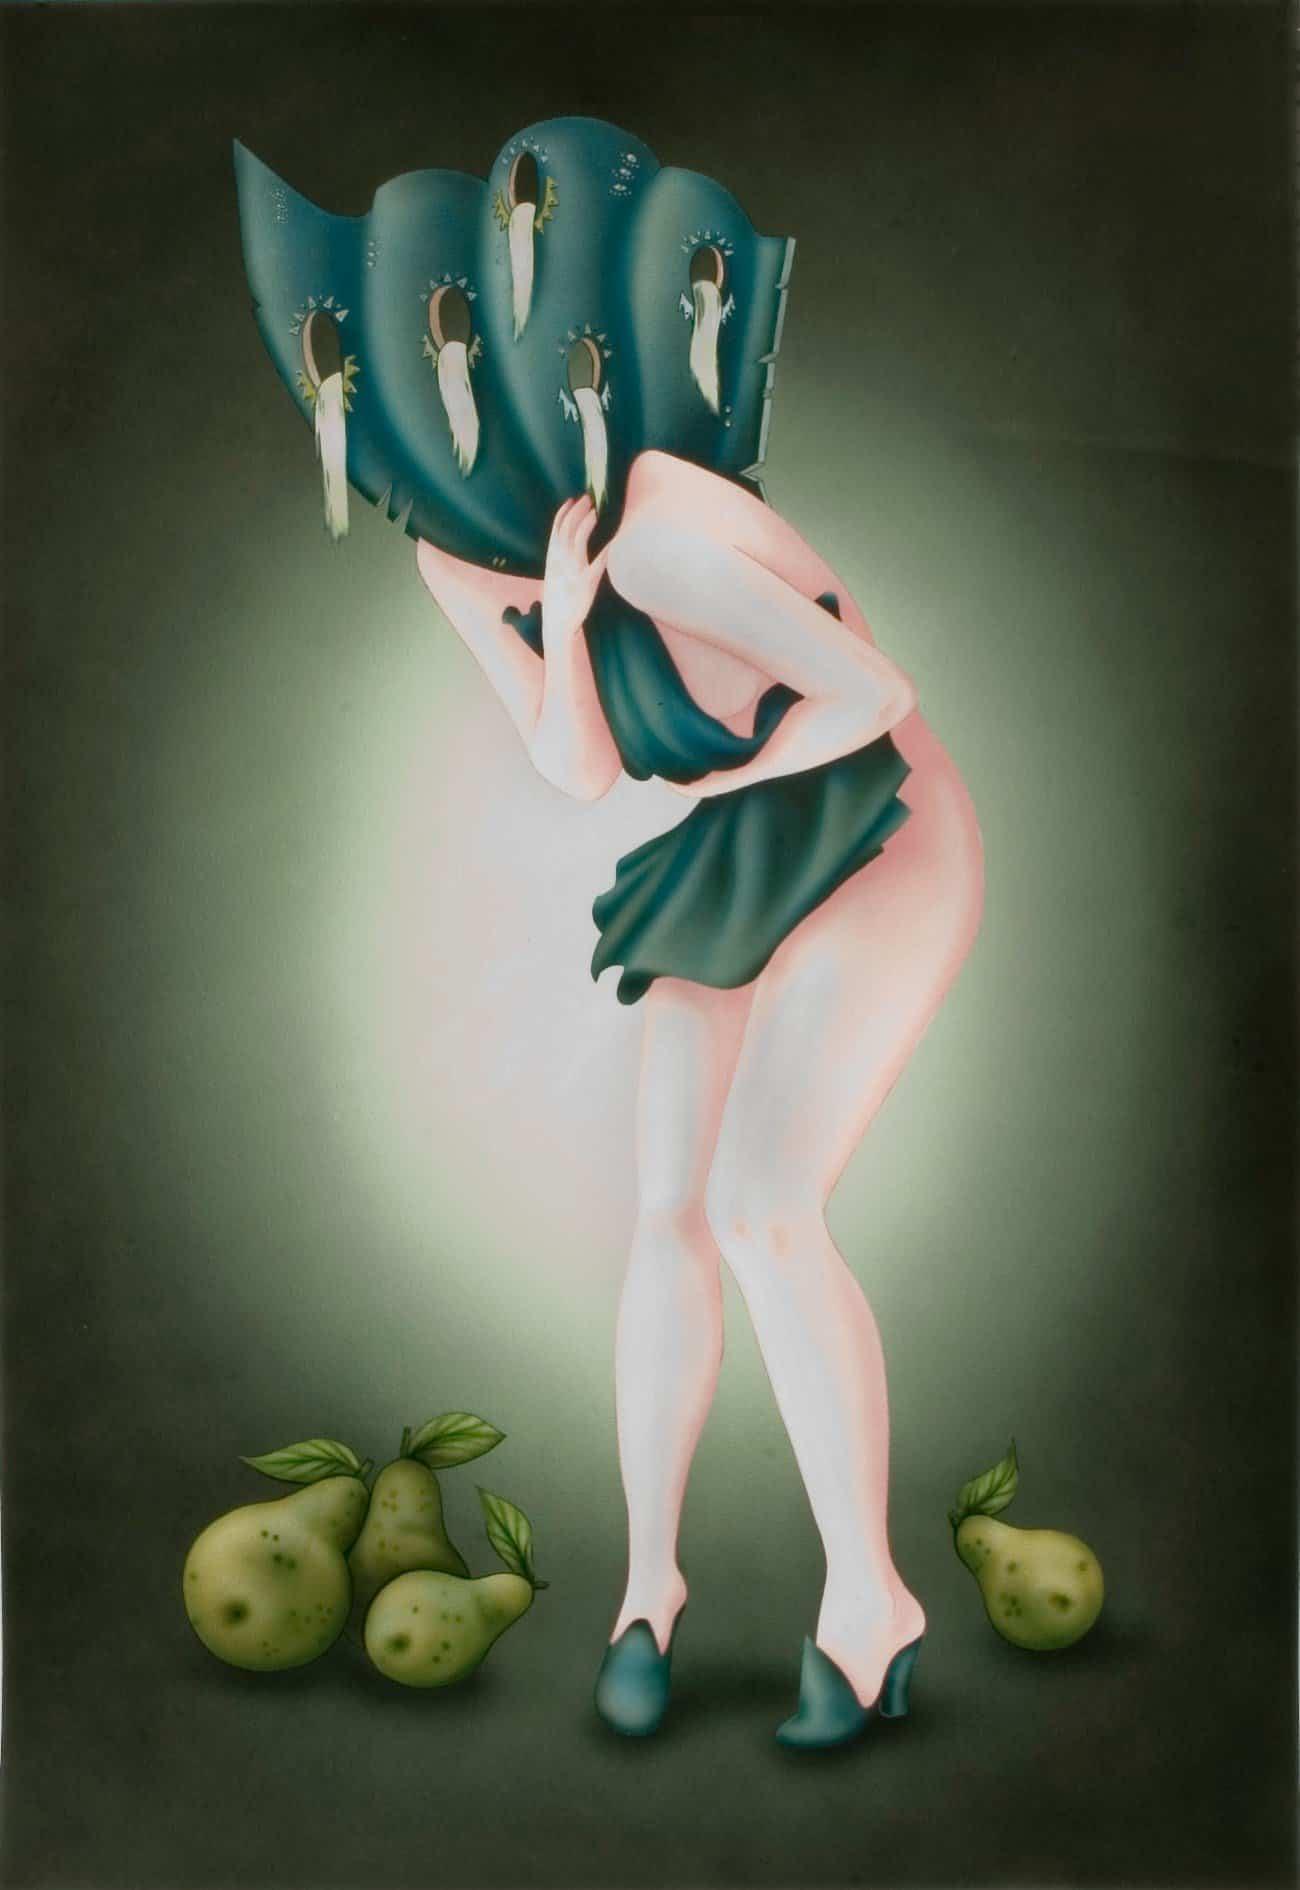 Hippolyte Hentgen, Merry Melody, 2011, 160x120 cm, encre et acrylique sur papier Arches